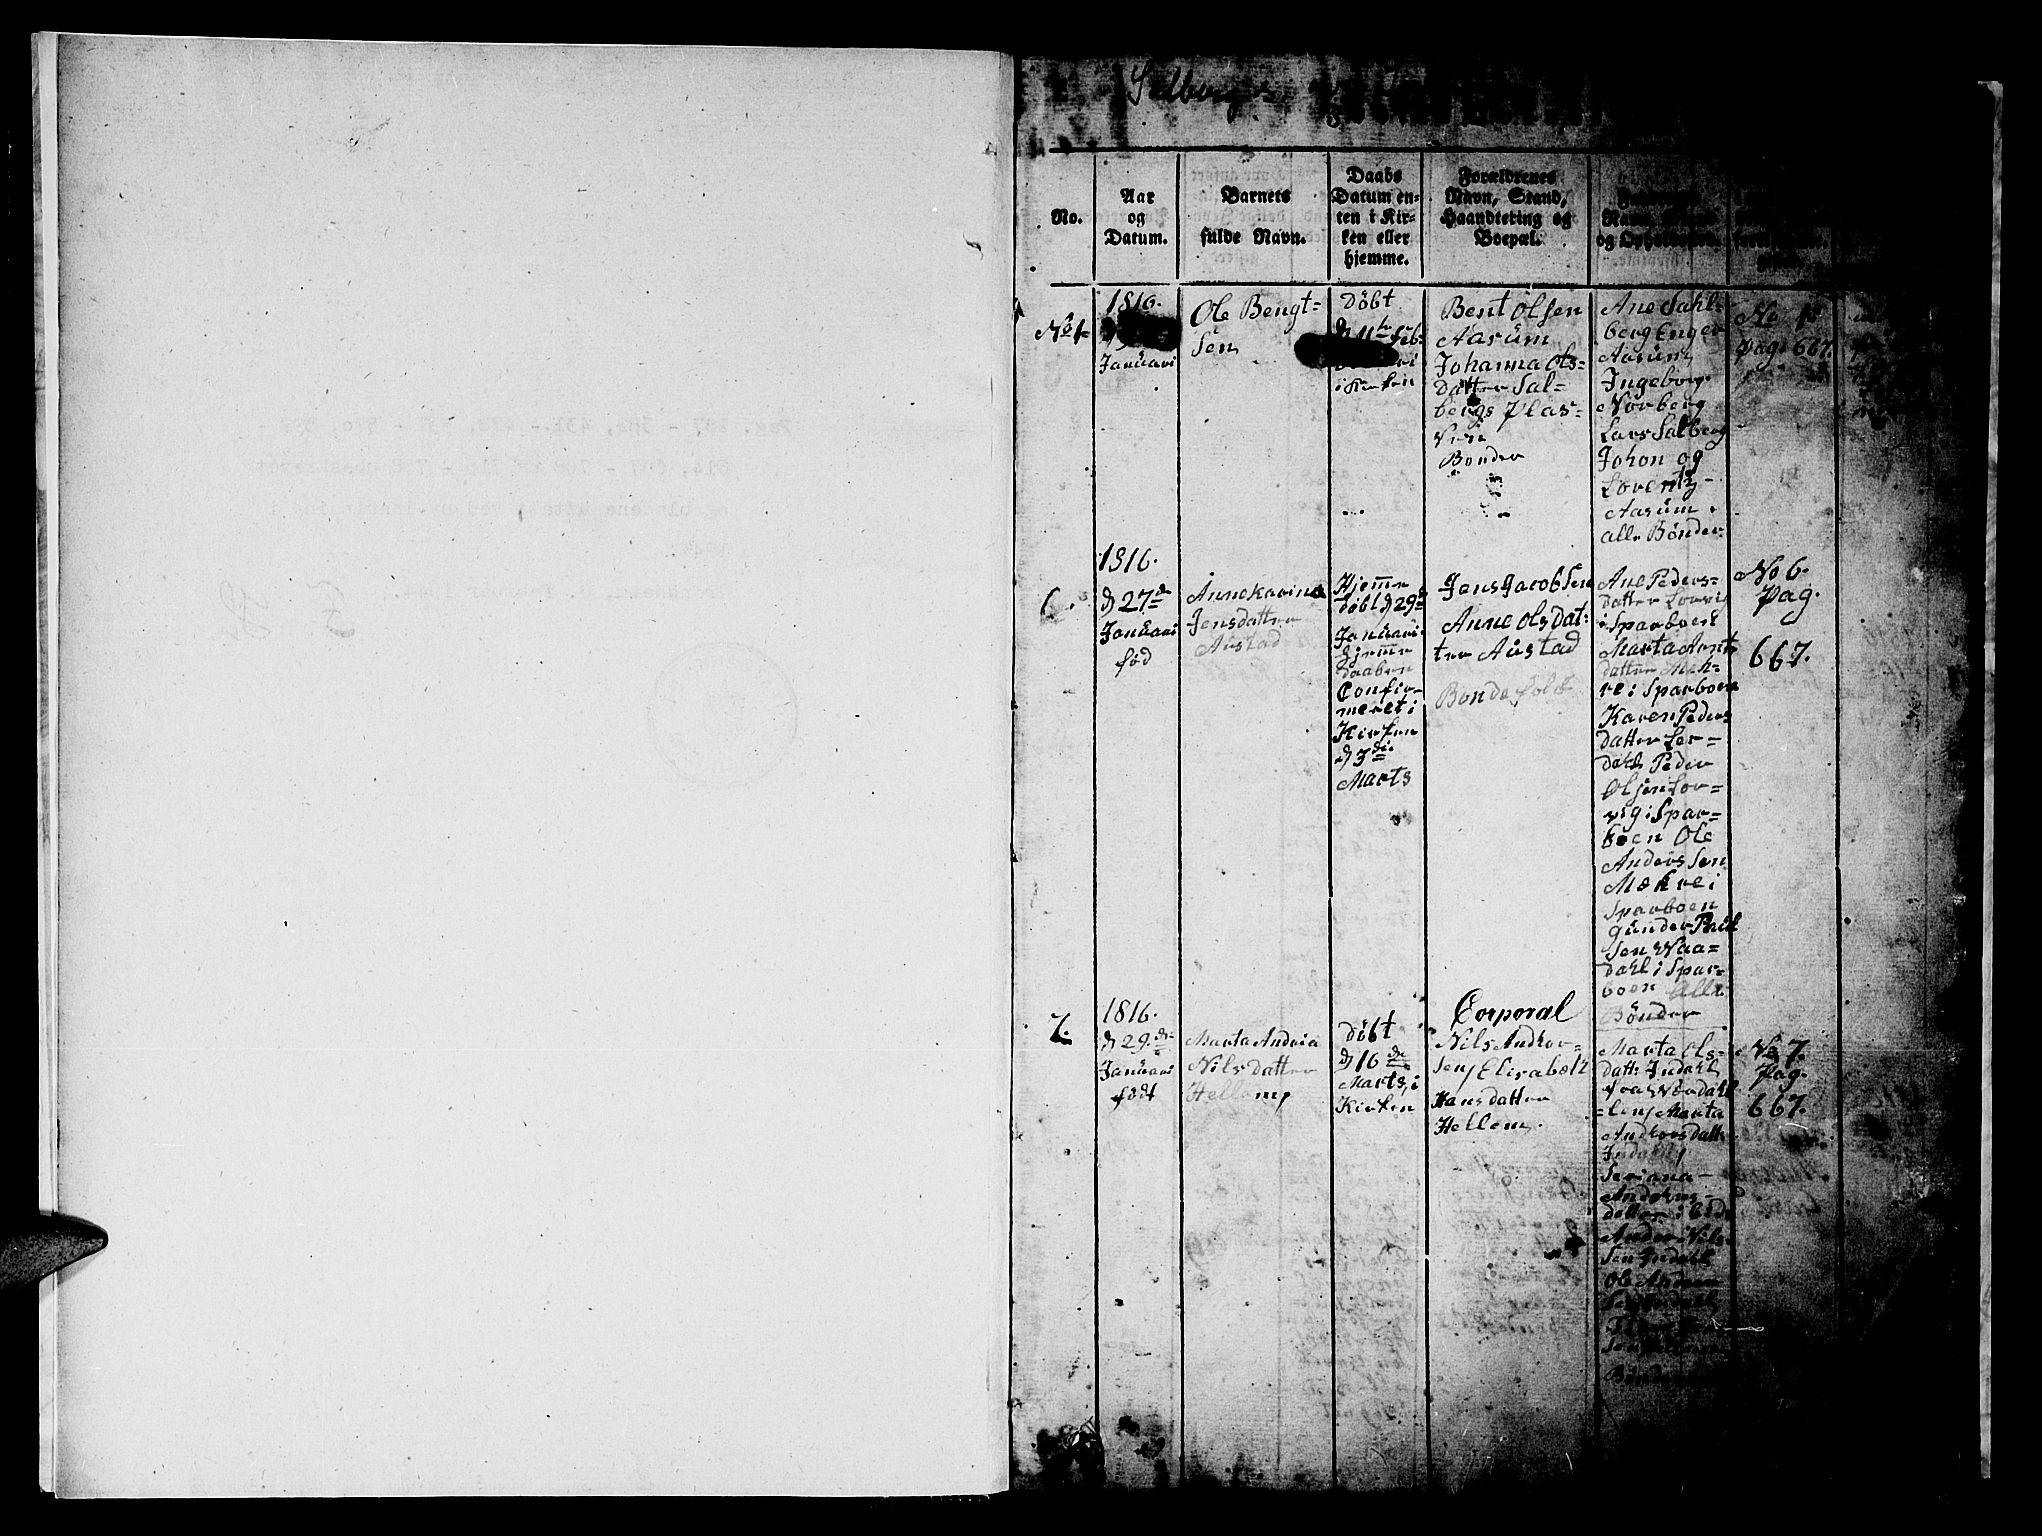 SAT, Ministerialprotokoller, klokkerbøker og fødselsregistre - Nord-Trøndelag, 731/L0310: Klokkerbok nr. 731C01, 1816-1874, s. 0-1